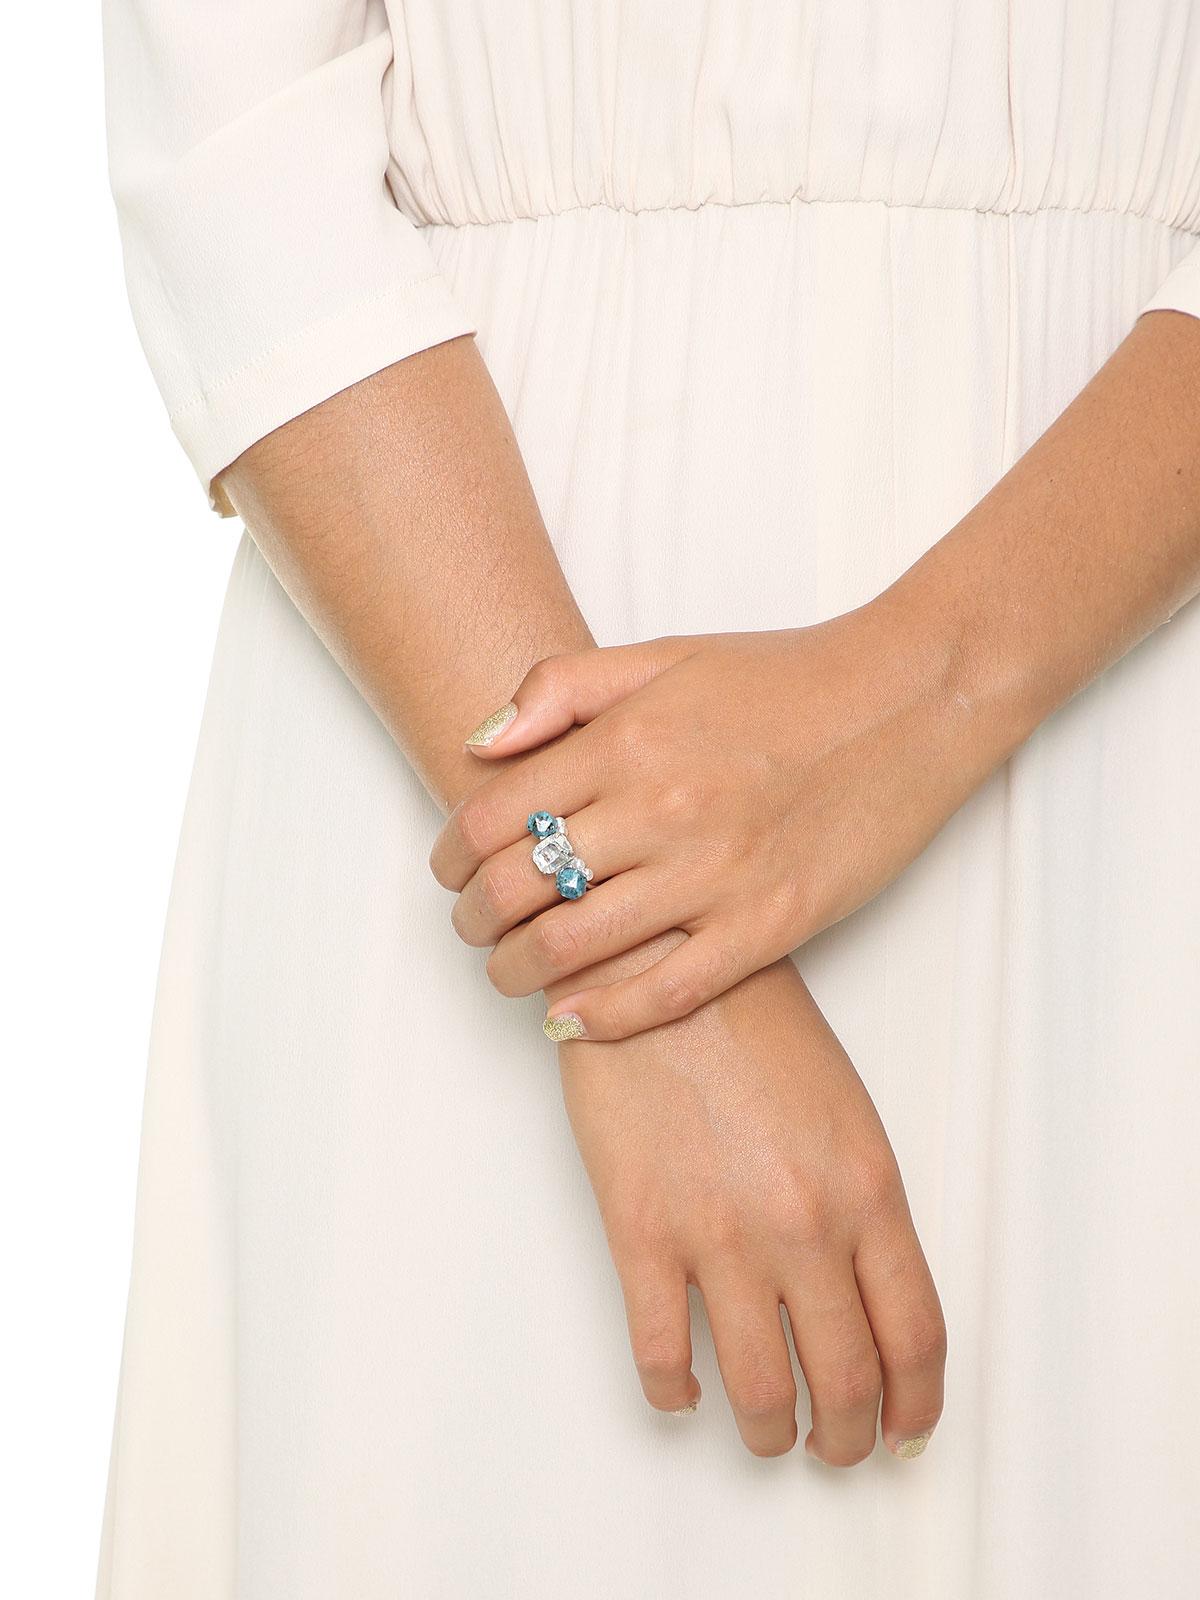 Labradorite stone ring